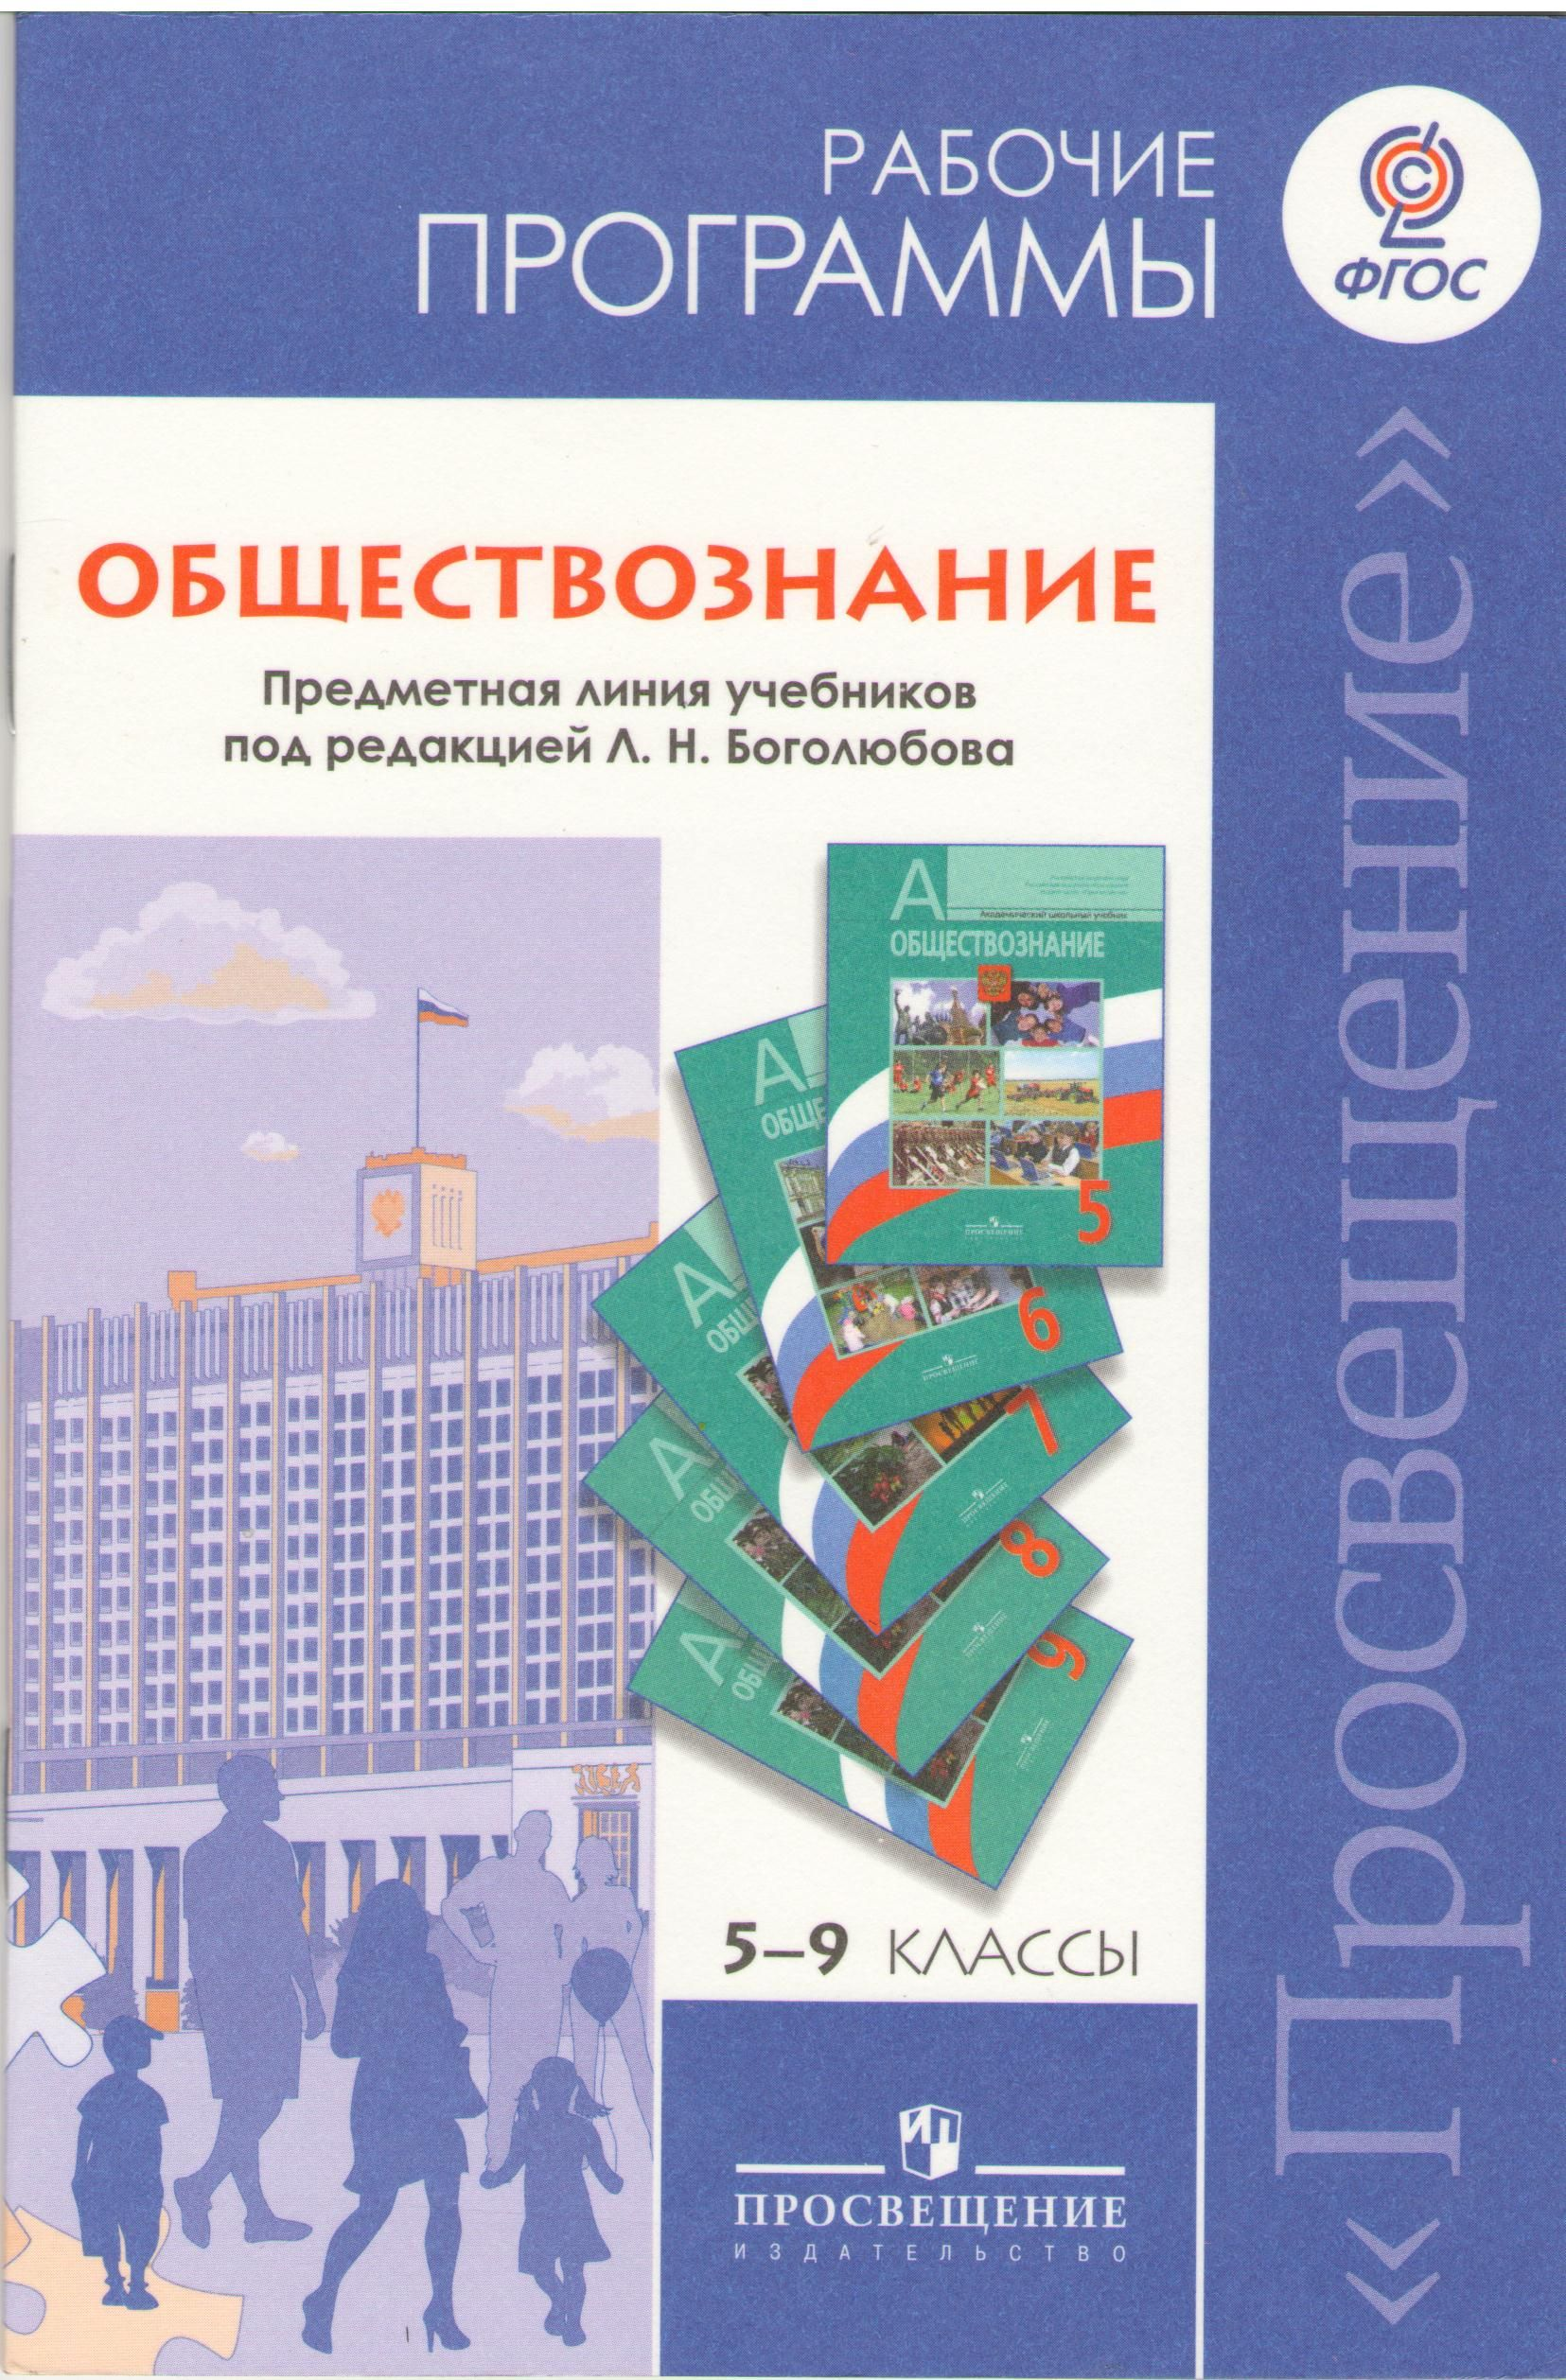 Ответы по англискому языку 4 класса авторм.з.биболетова о.а.денисенко н.н.трубанева